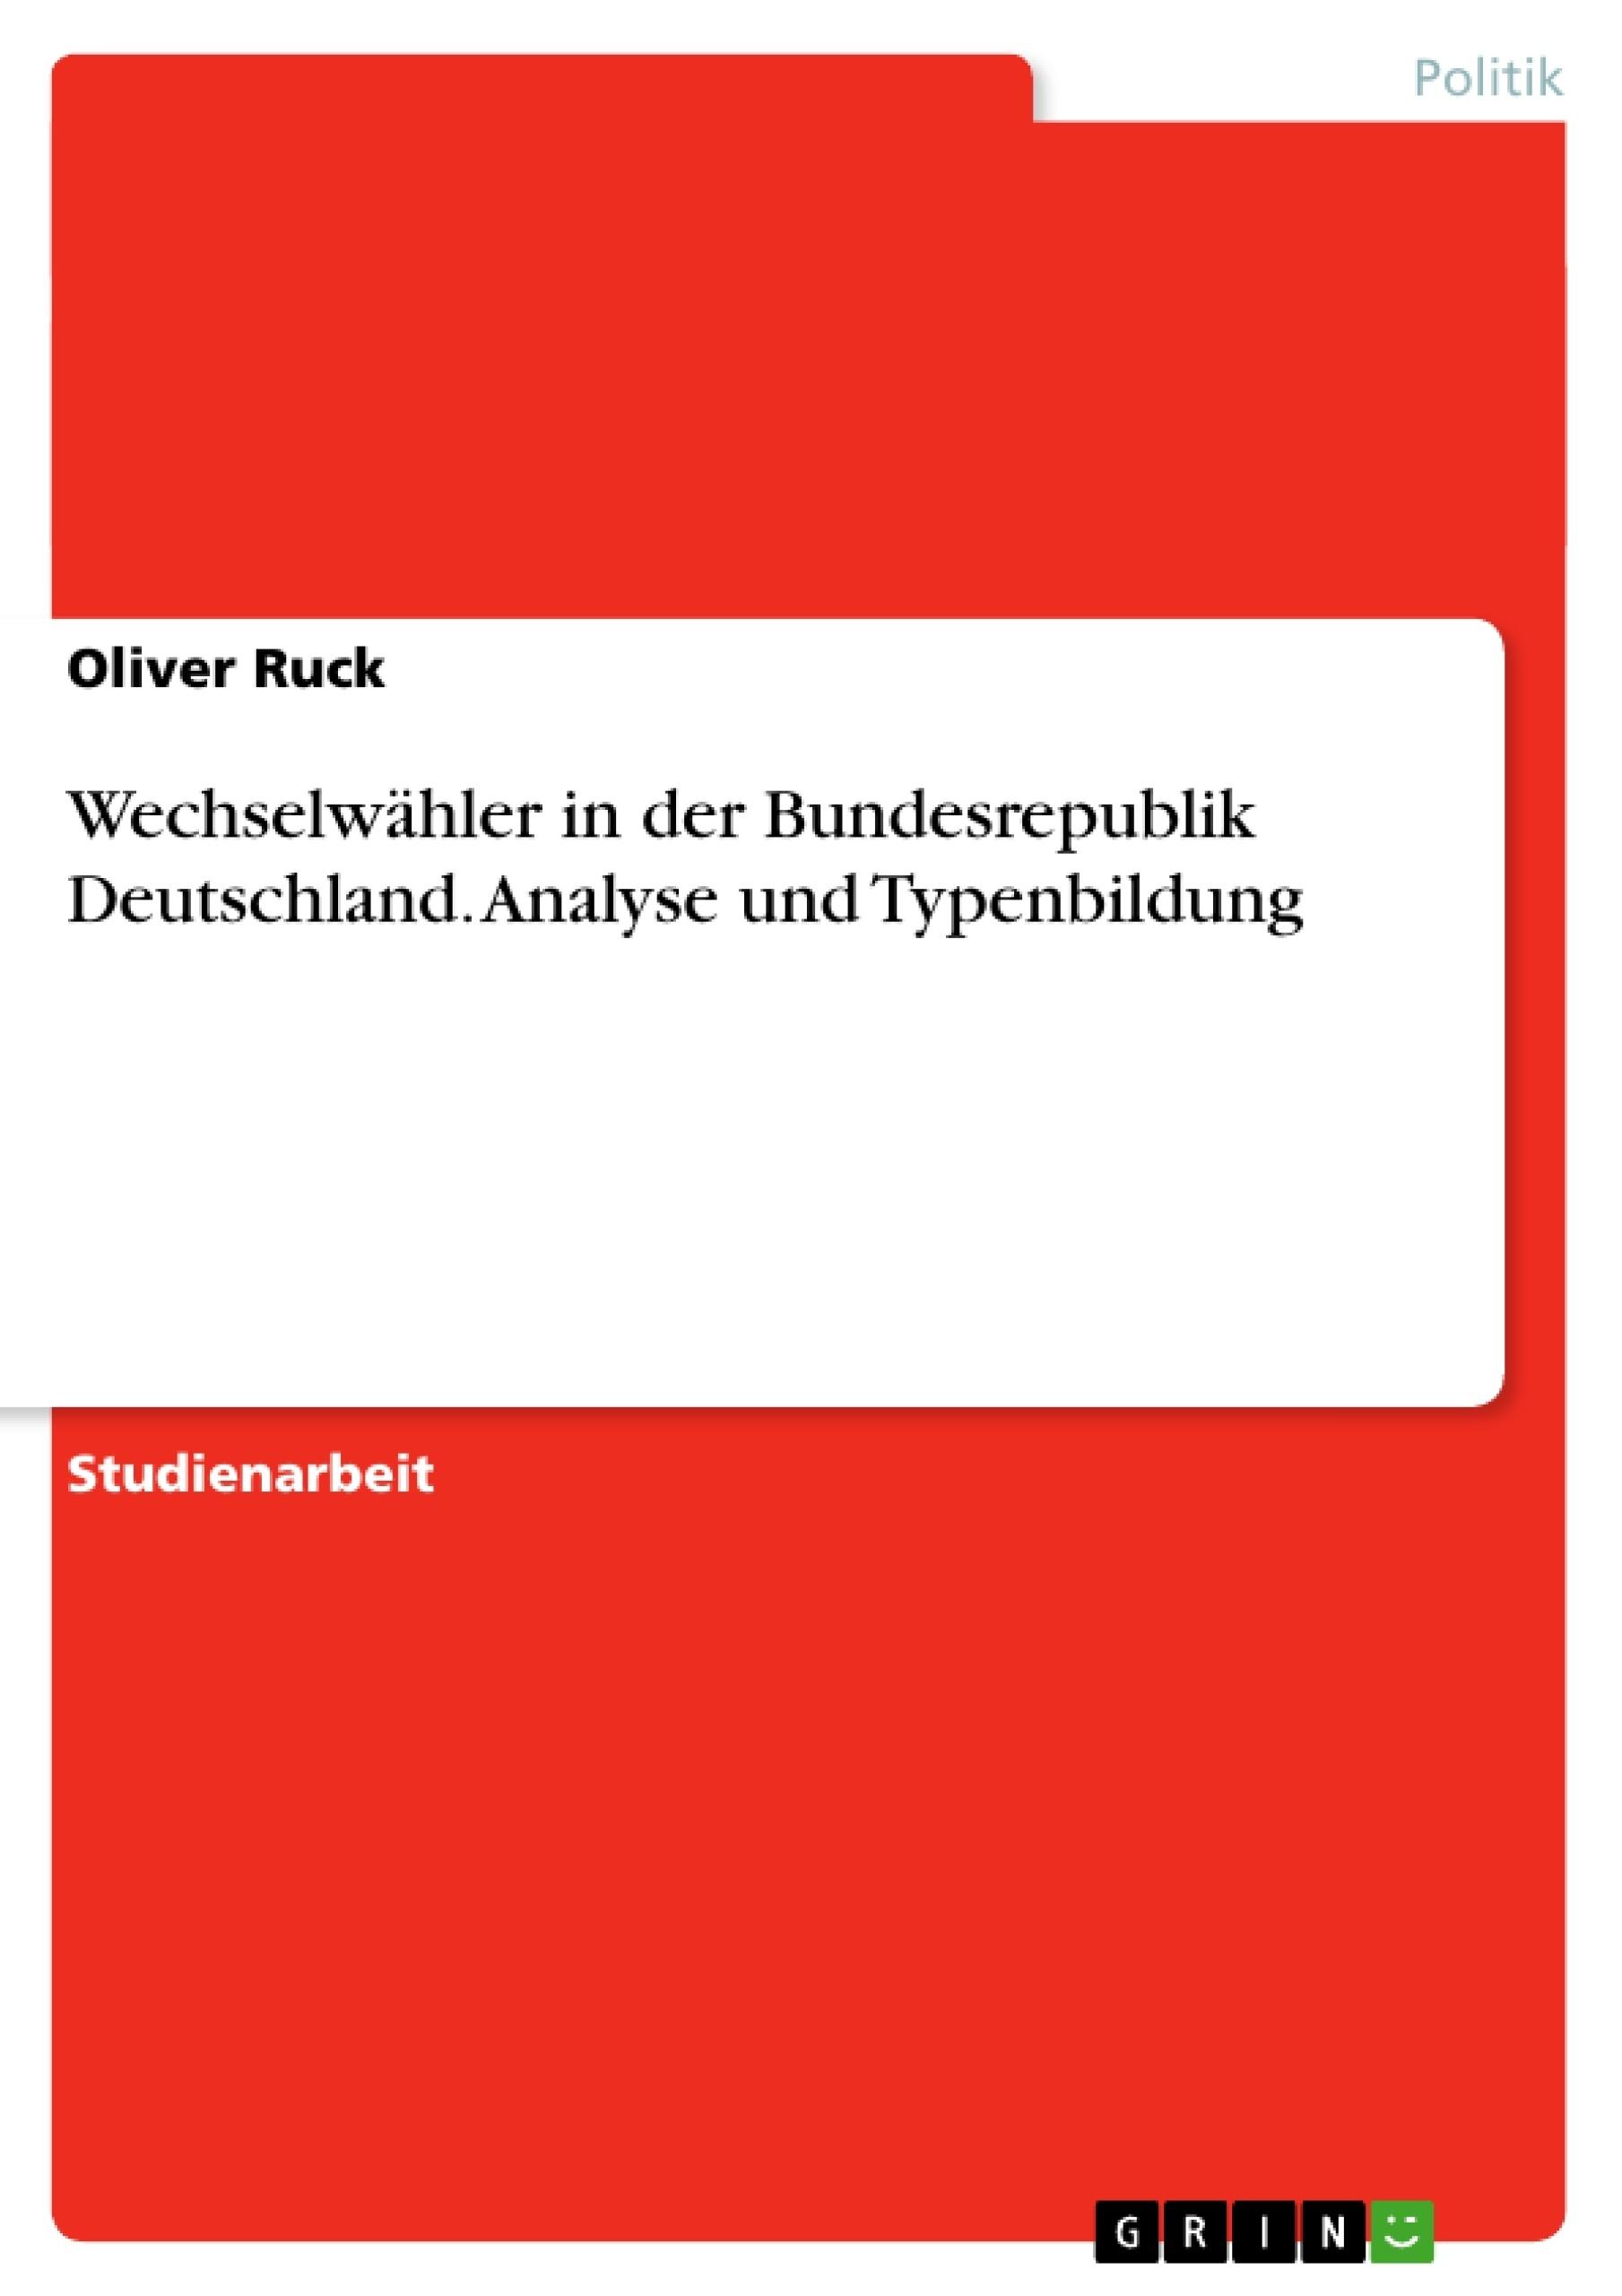 Titel: Wechselwähler in der Bundesrepublik Deutschland. Analyse und Typenbildung